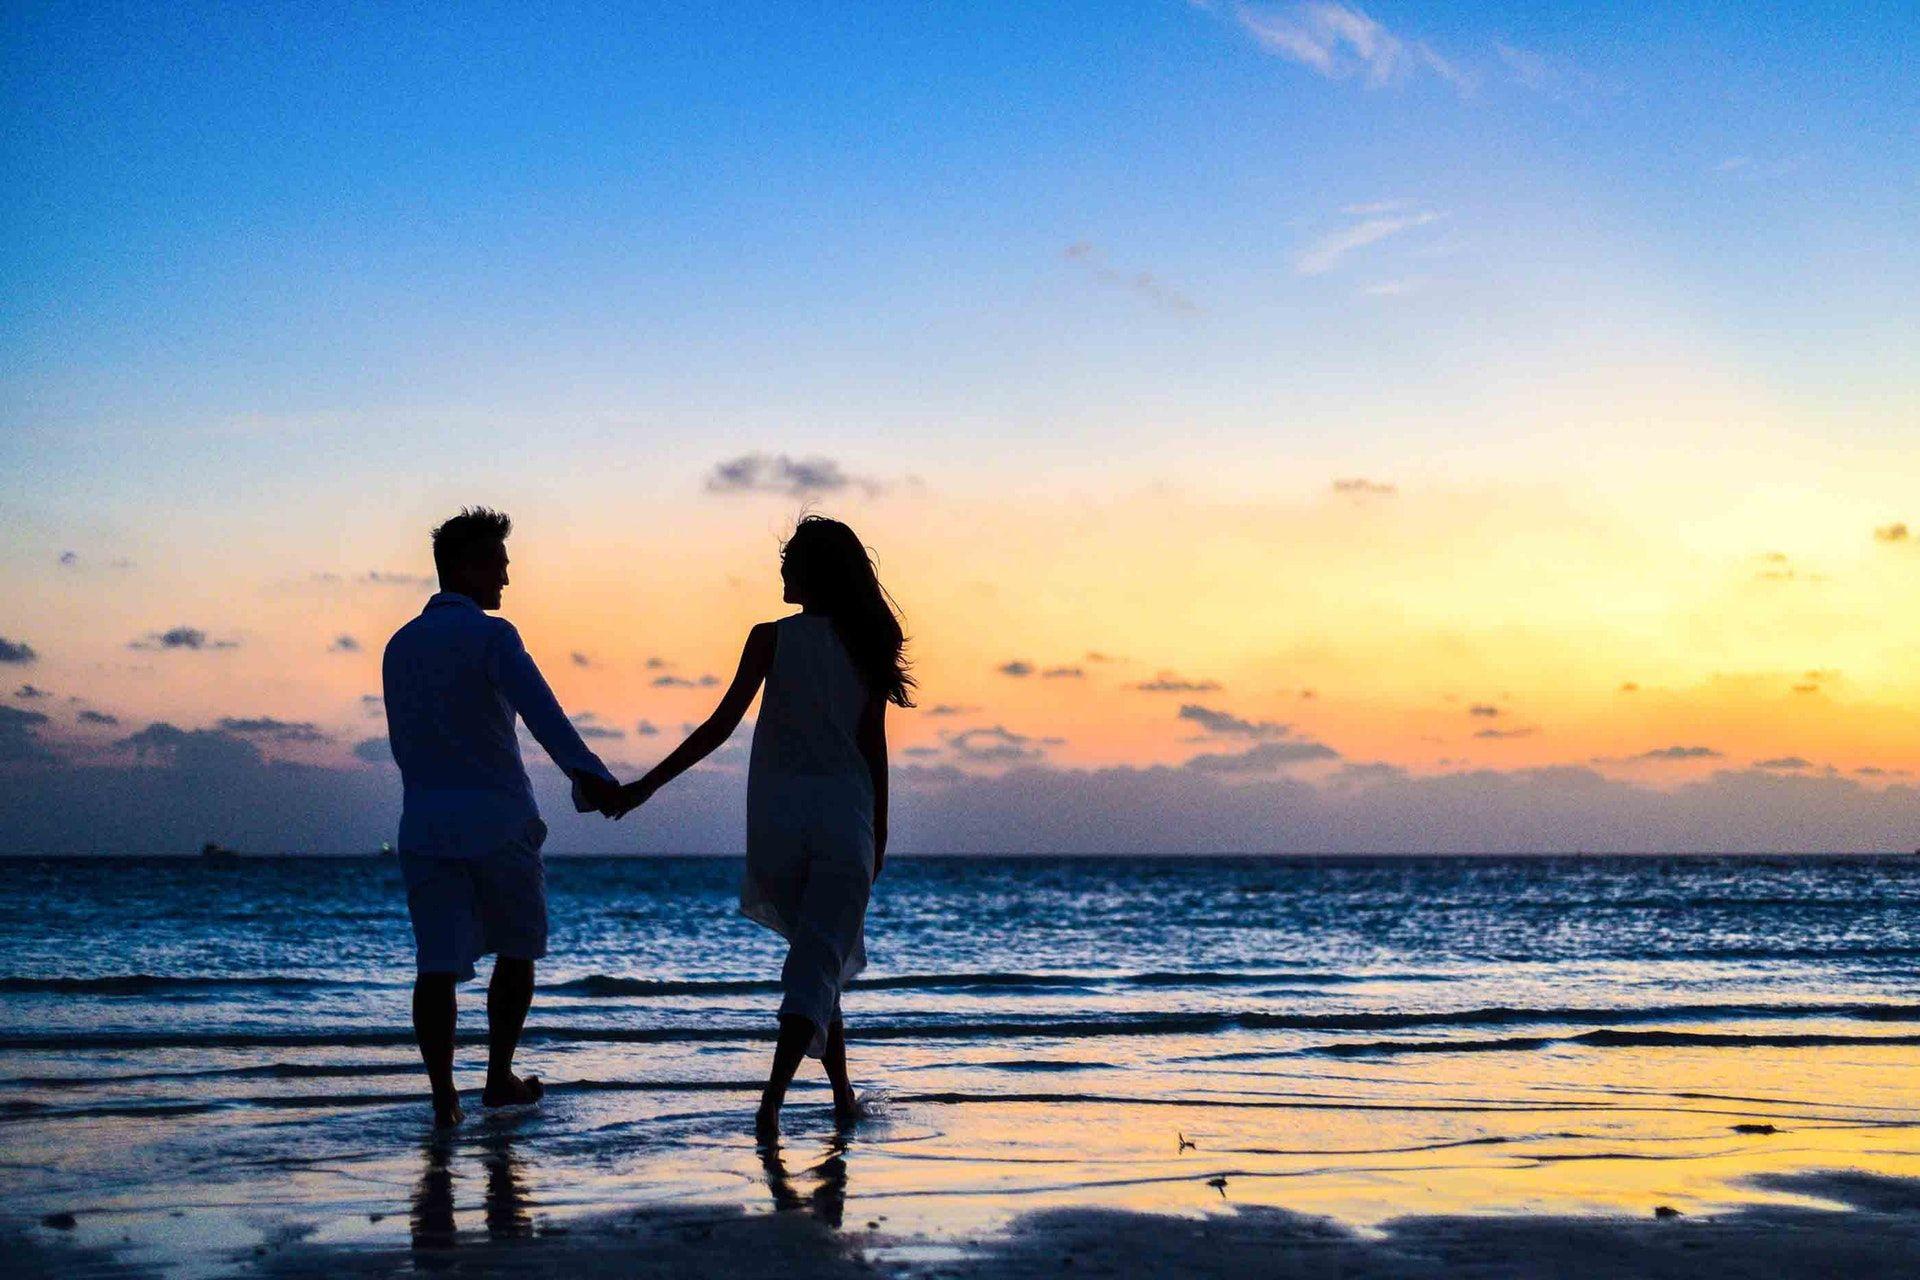 عکس زمینه زن و مرد در ساحل دریا هنگام طلوع پس زمینه